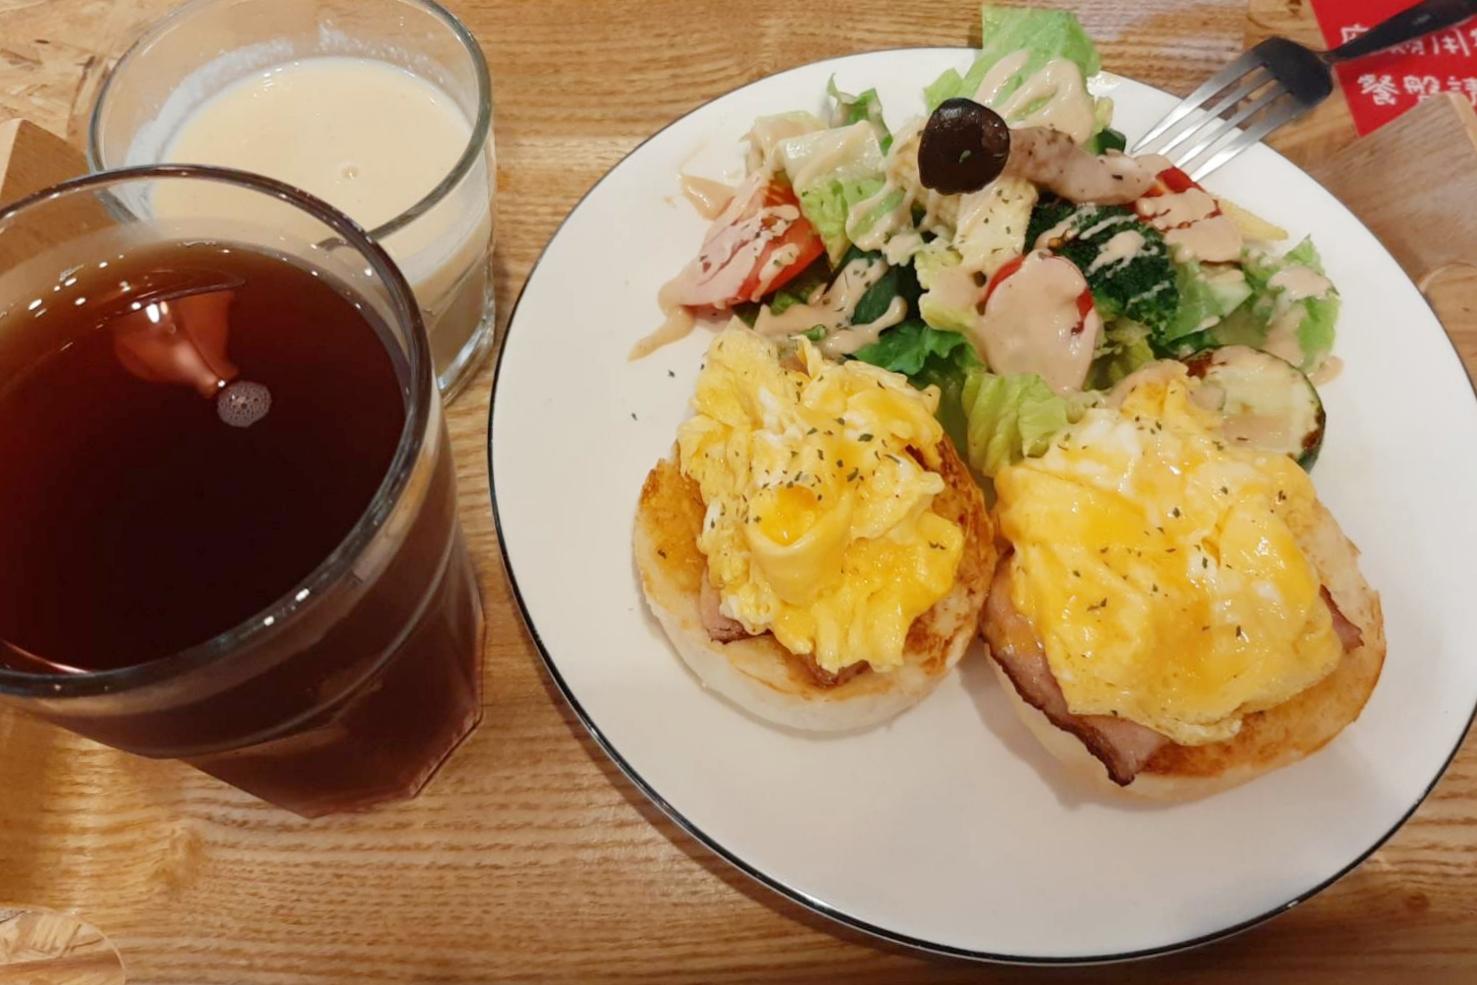 【台中南屯】明治時代:台中好吃肉桂捲和生吐司,使用日本職人麵粉x老麵發酵 @飛天璇的口袋